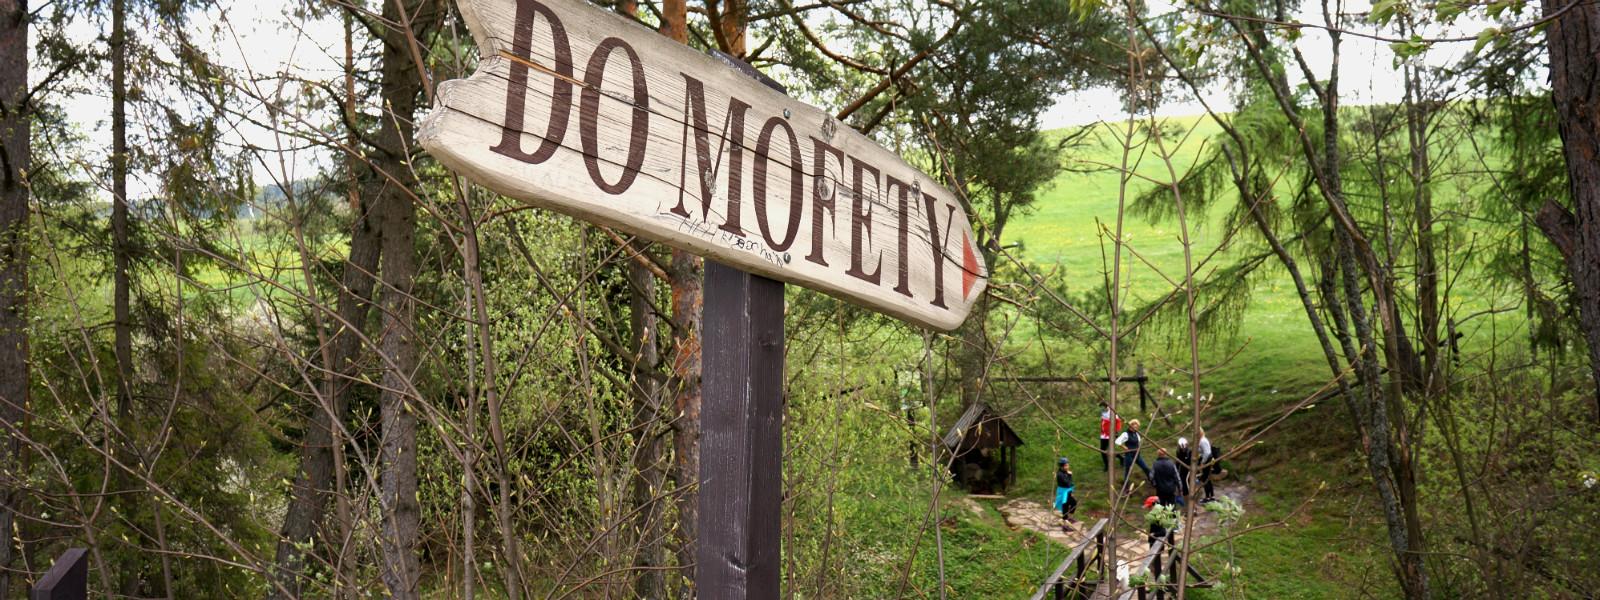 Mofeta – zaskakujący pomnik przyrody nieożywionej .